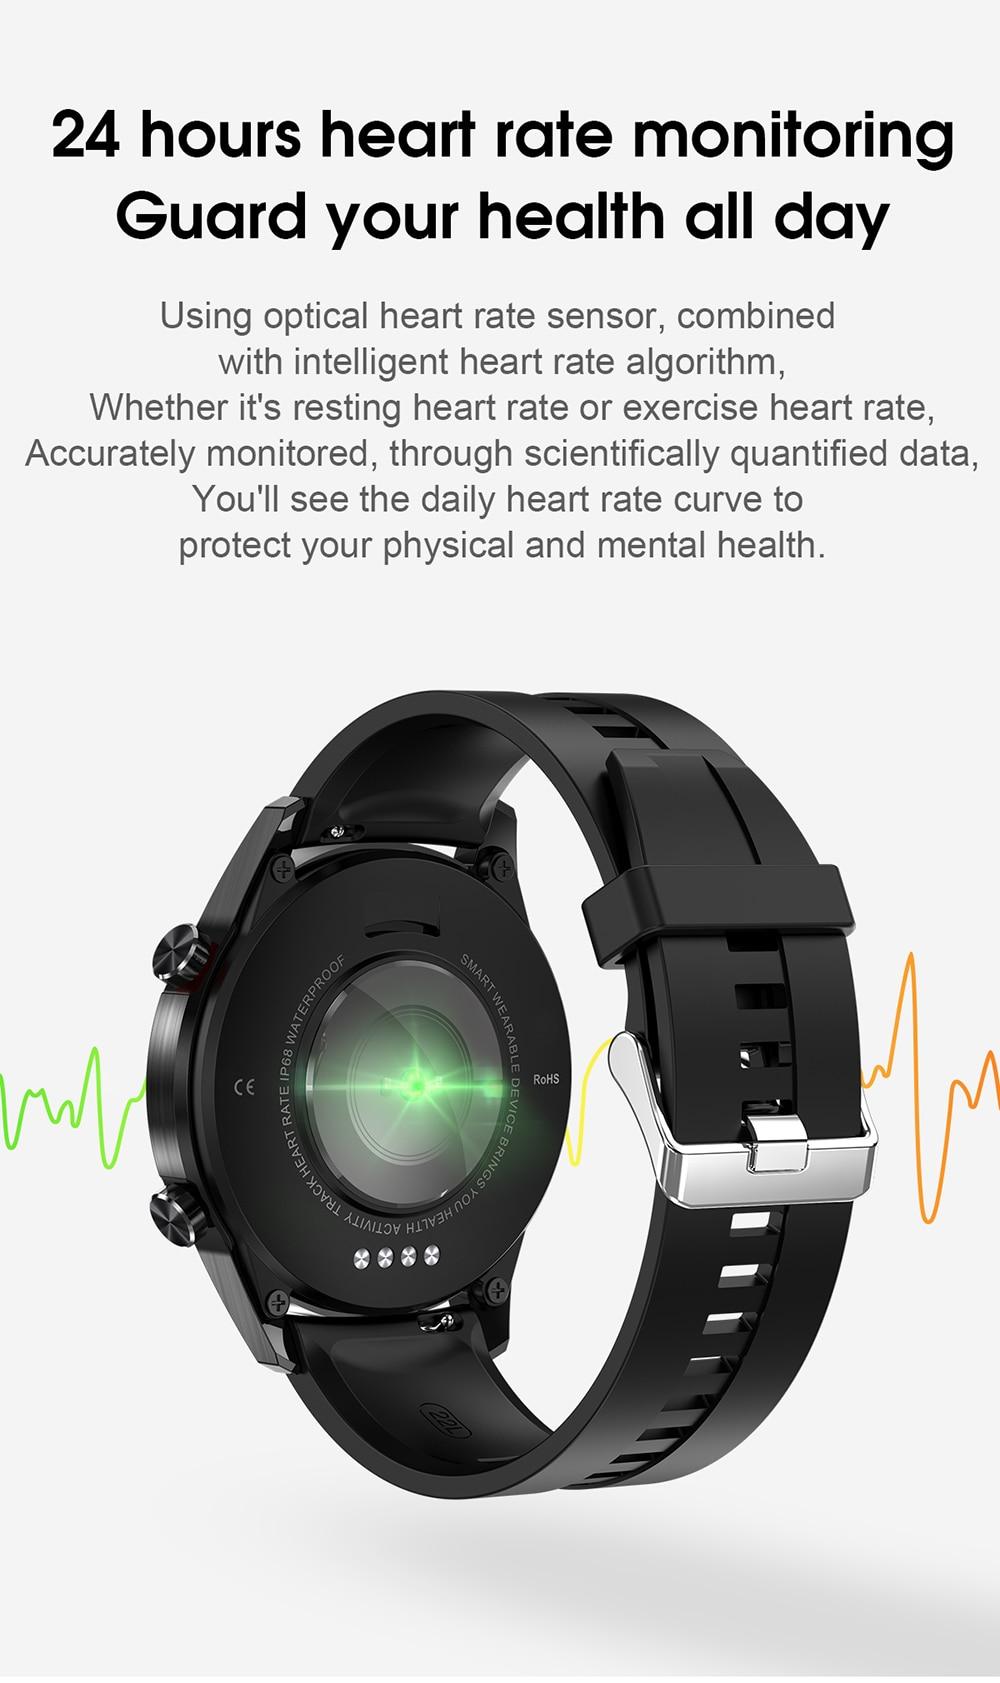 Ha9ad21a95aa641ffaf9de62685fb2d02w For Phone Xiaomi Android IOS Reloj Inteligente Hombre Smartwatch Men 2021 Android IP68 Smartwatch Answer Call Smart Watch Man